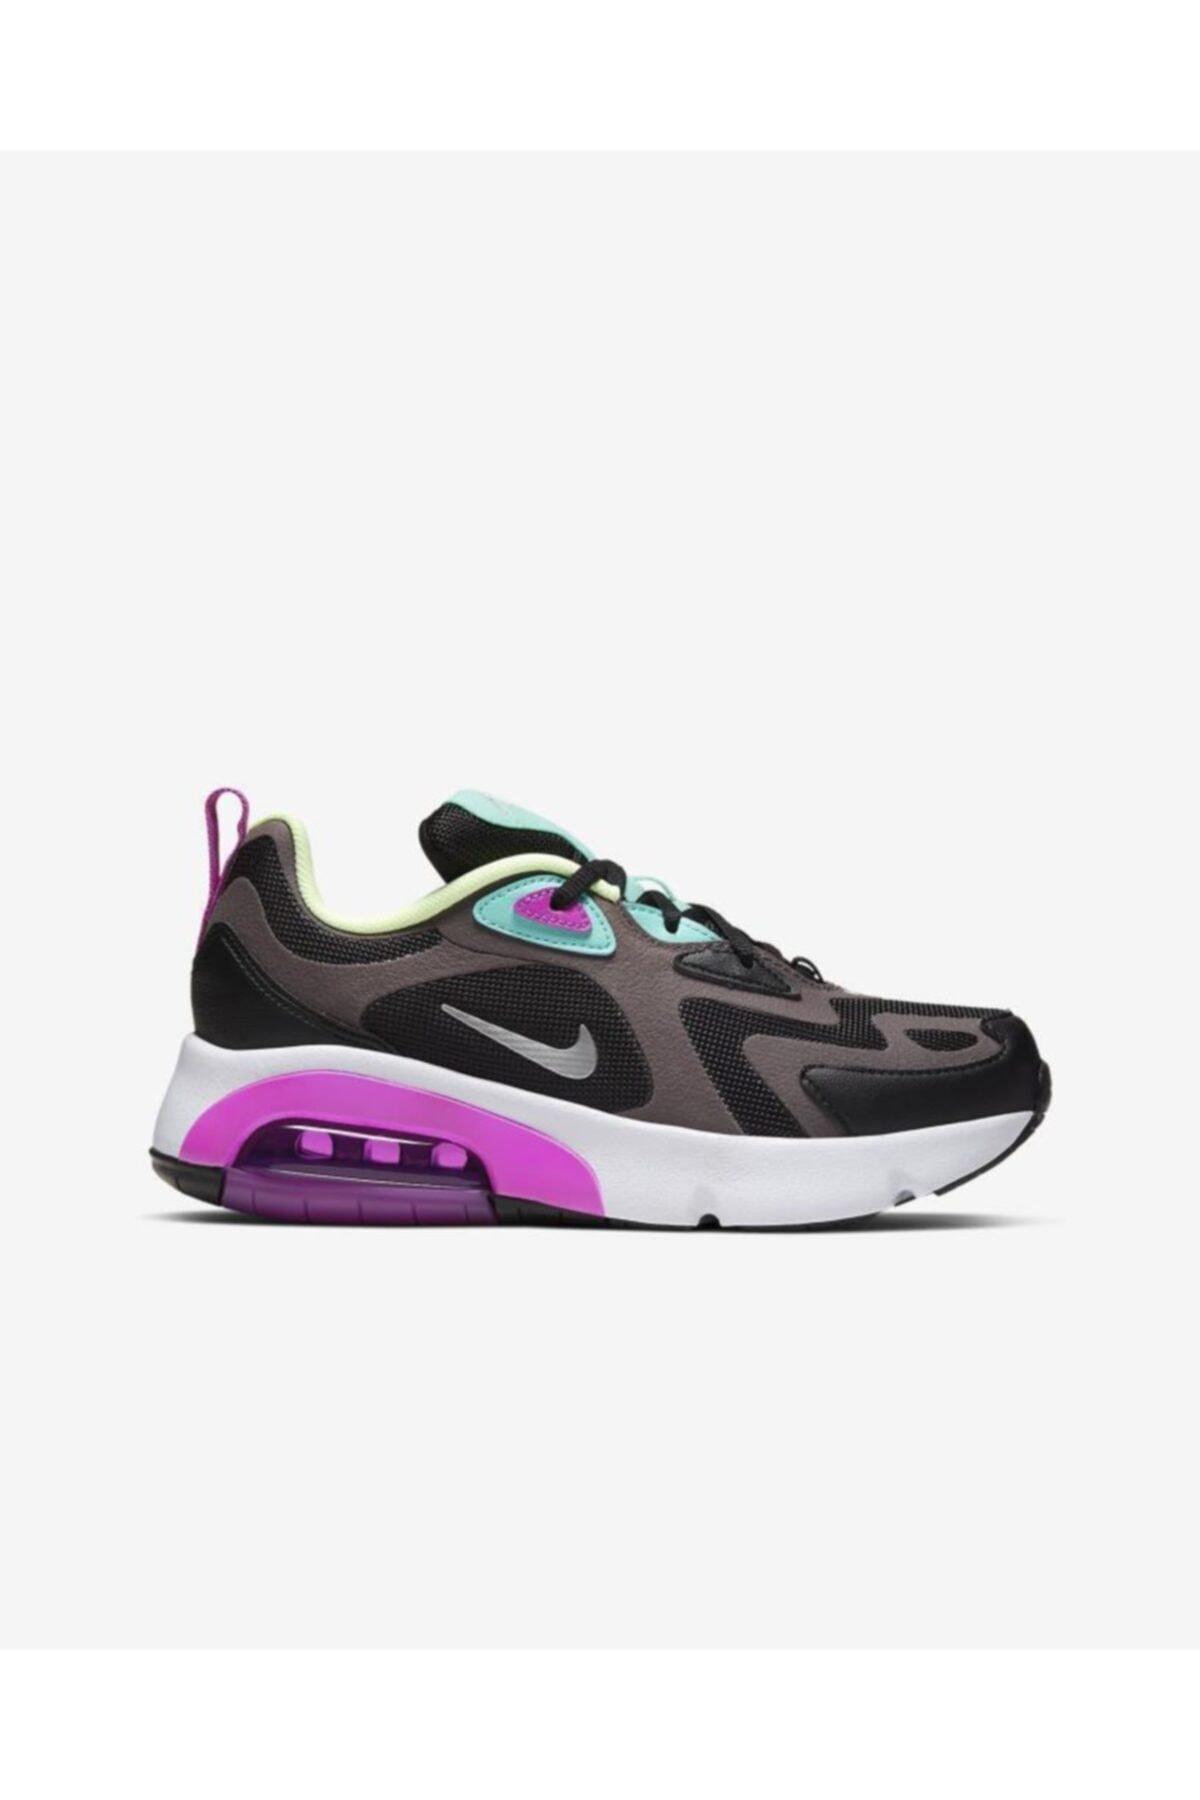 Kadın Kahverengi Bağcıklı Sneaker At5627-004